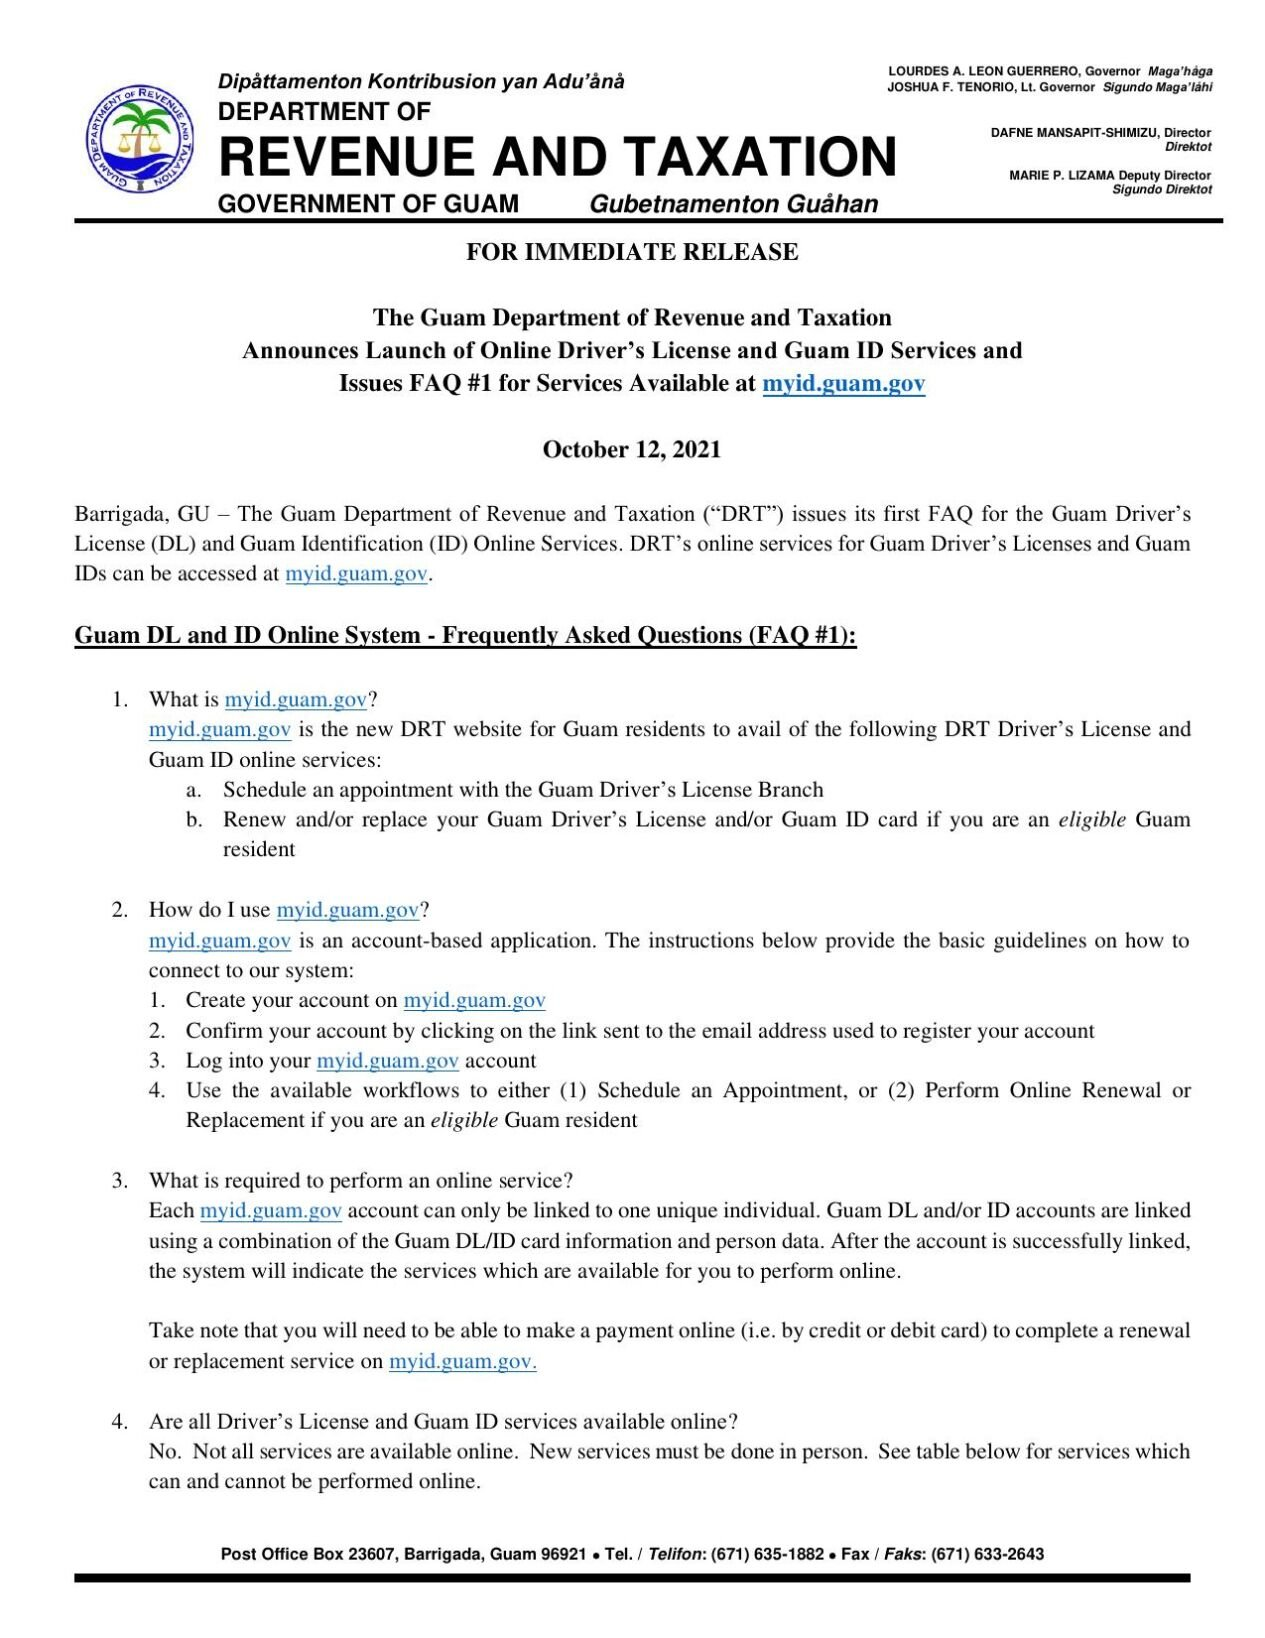 ID/driver's license online portal FAQ